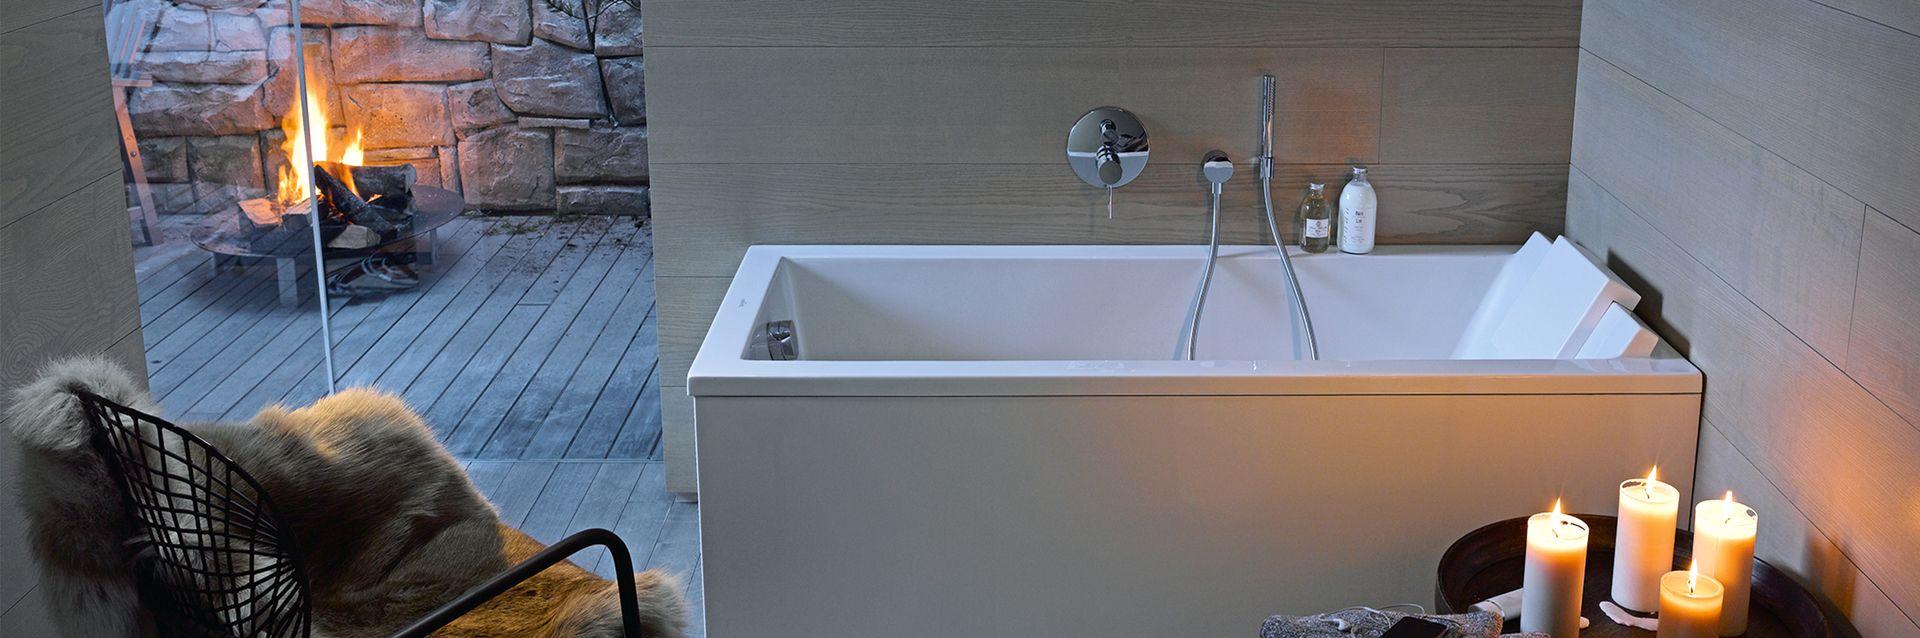 Maak van uw badkamer een thuisspa - Maak van uw badkamer een thuisspa